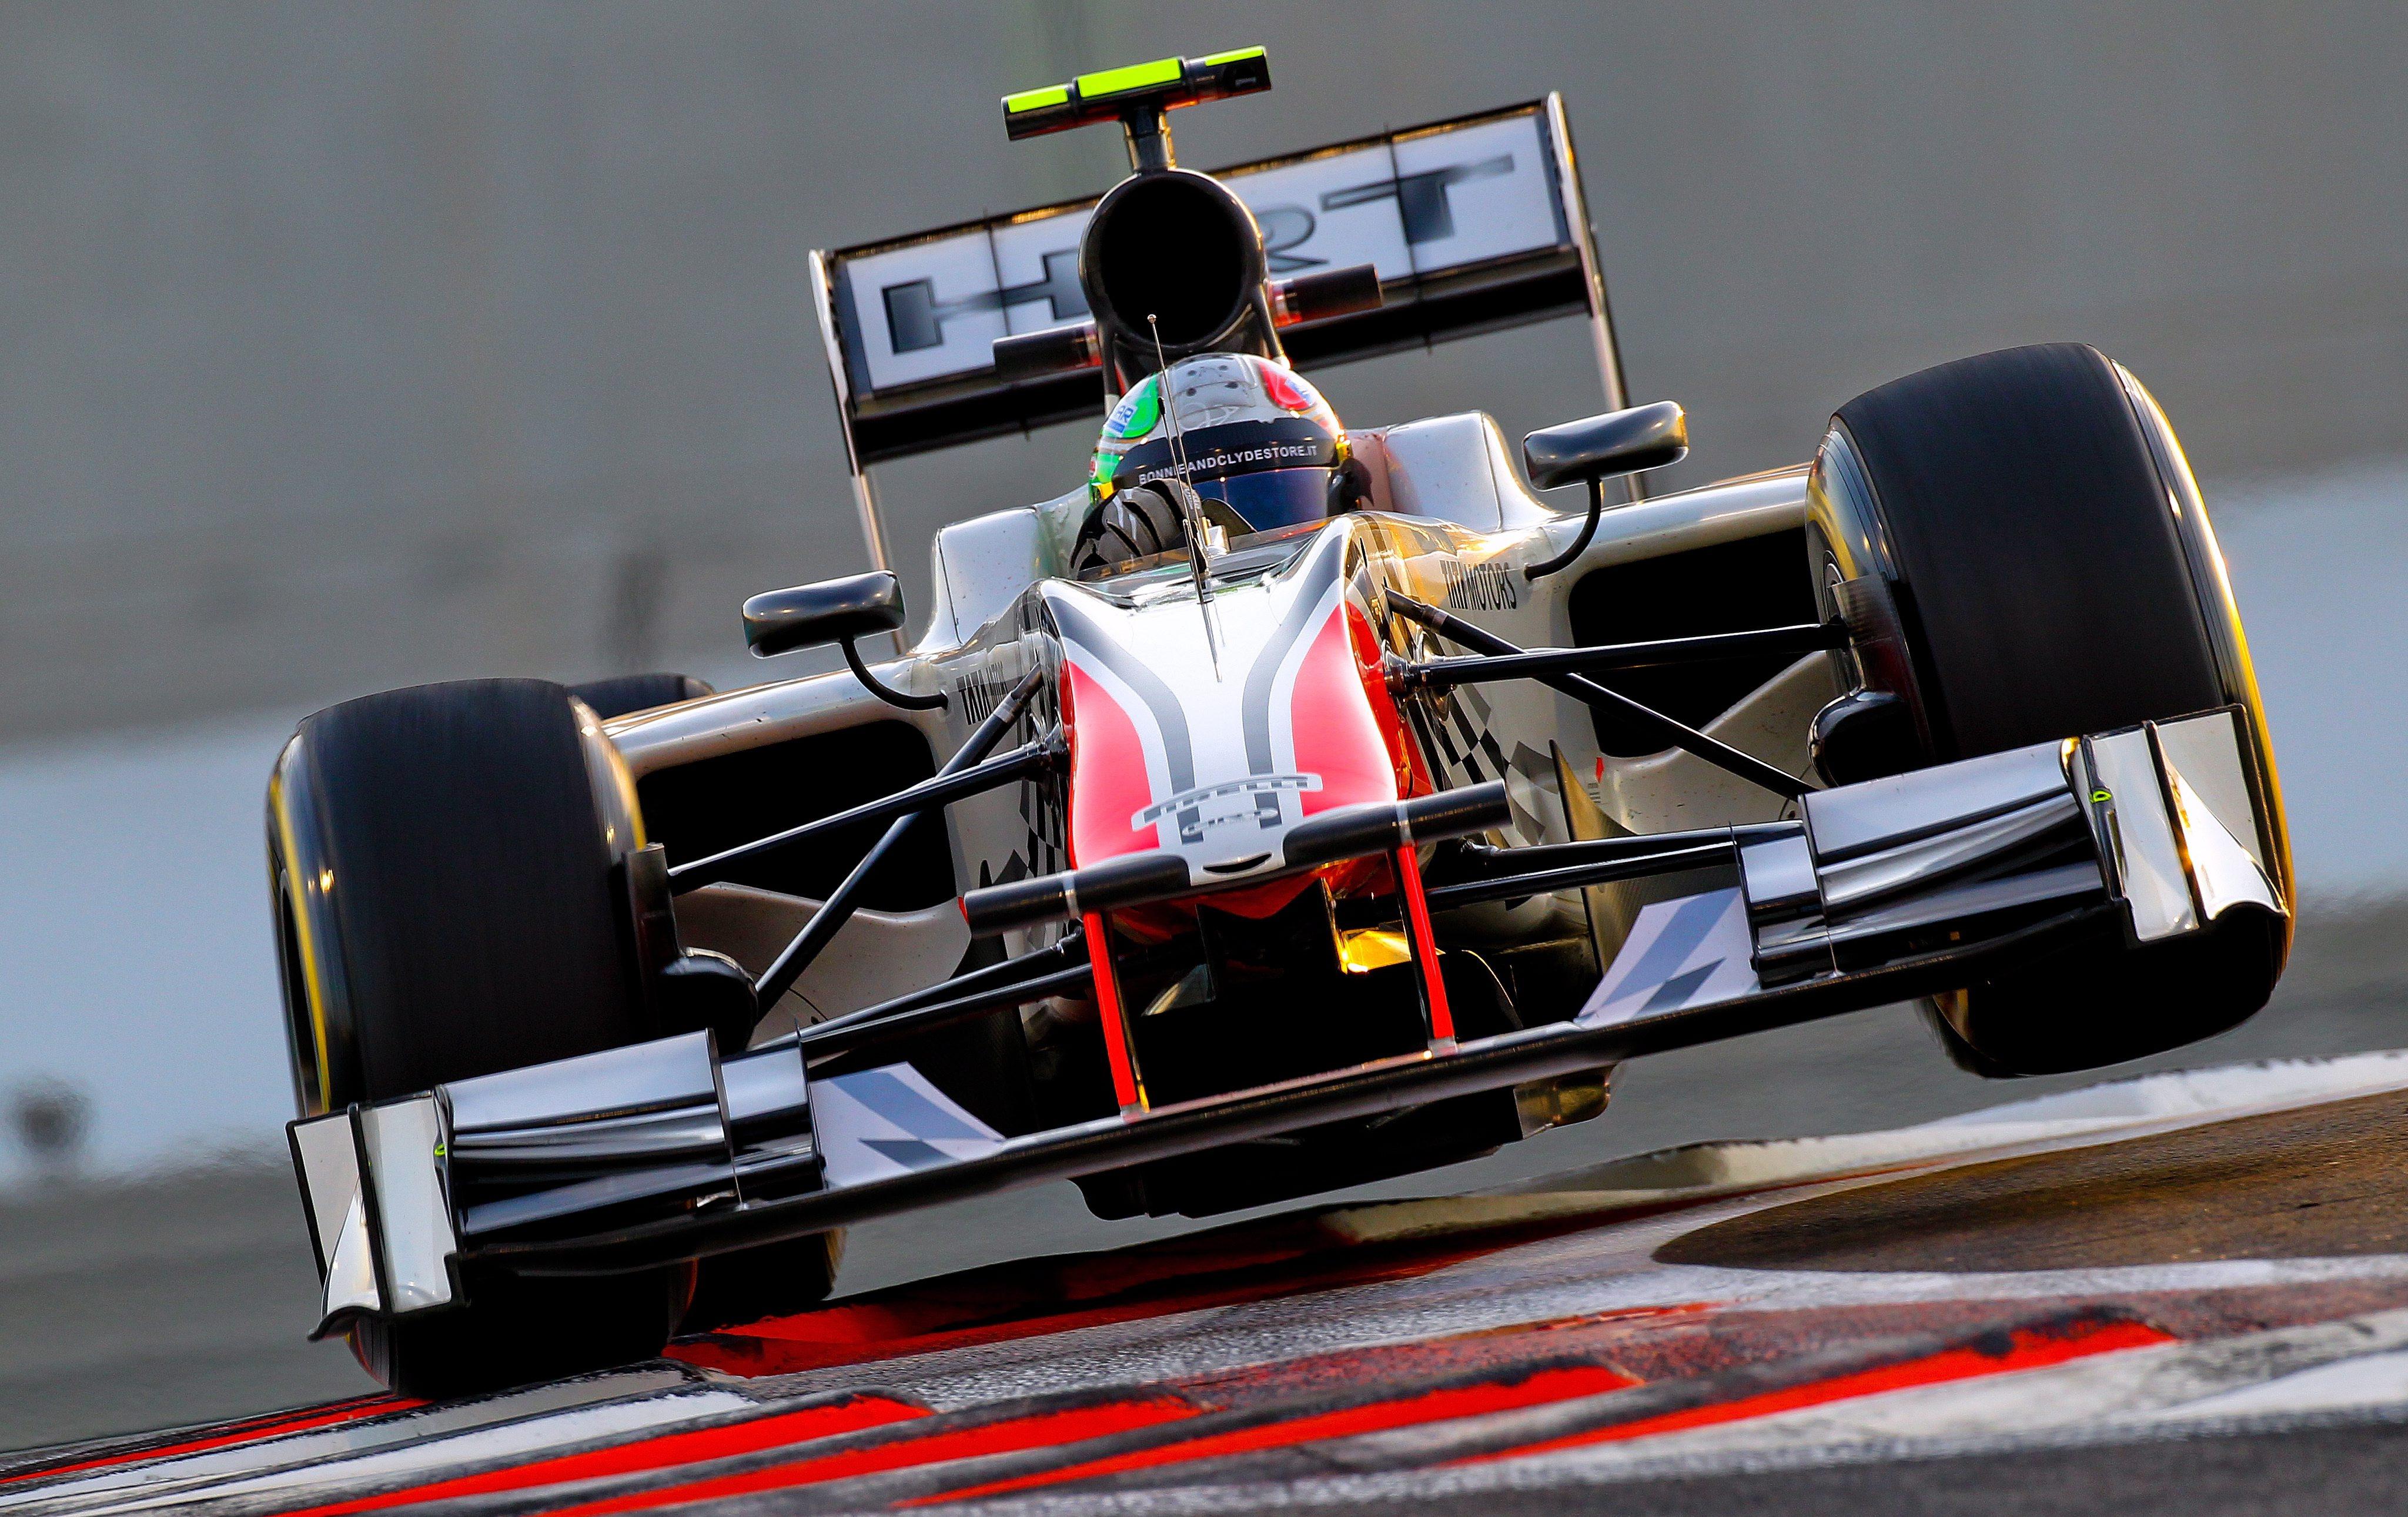 Млад испанец ще бъде резервен пилот на НRТ през новия сезон